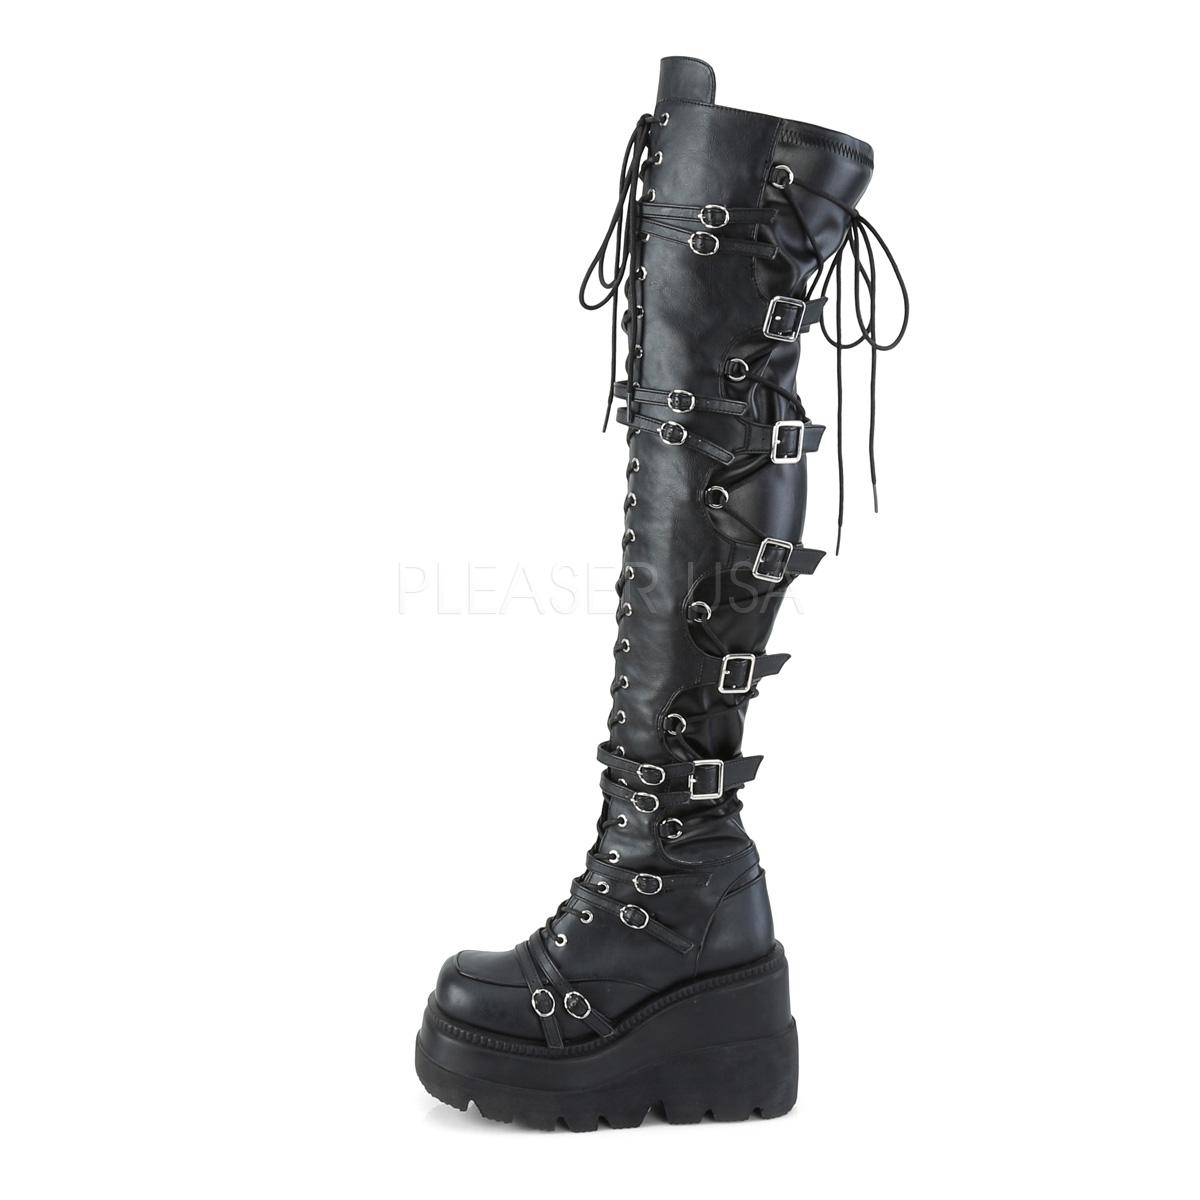 Kunstleer 11,5 cm SHAKER 350 overknee laarzen met plateauzool